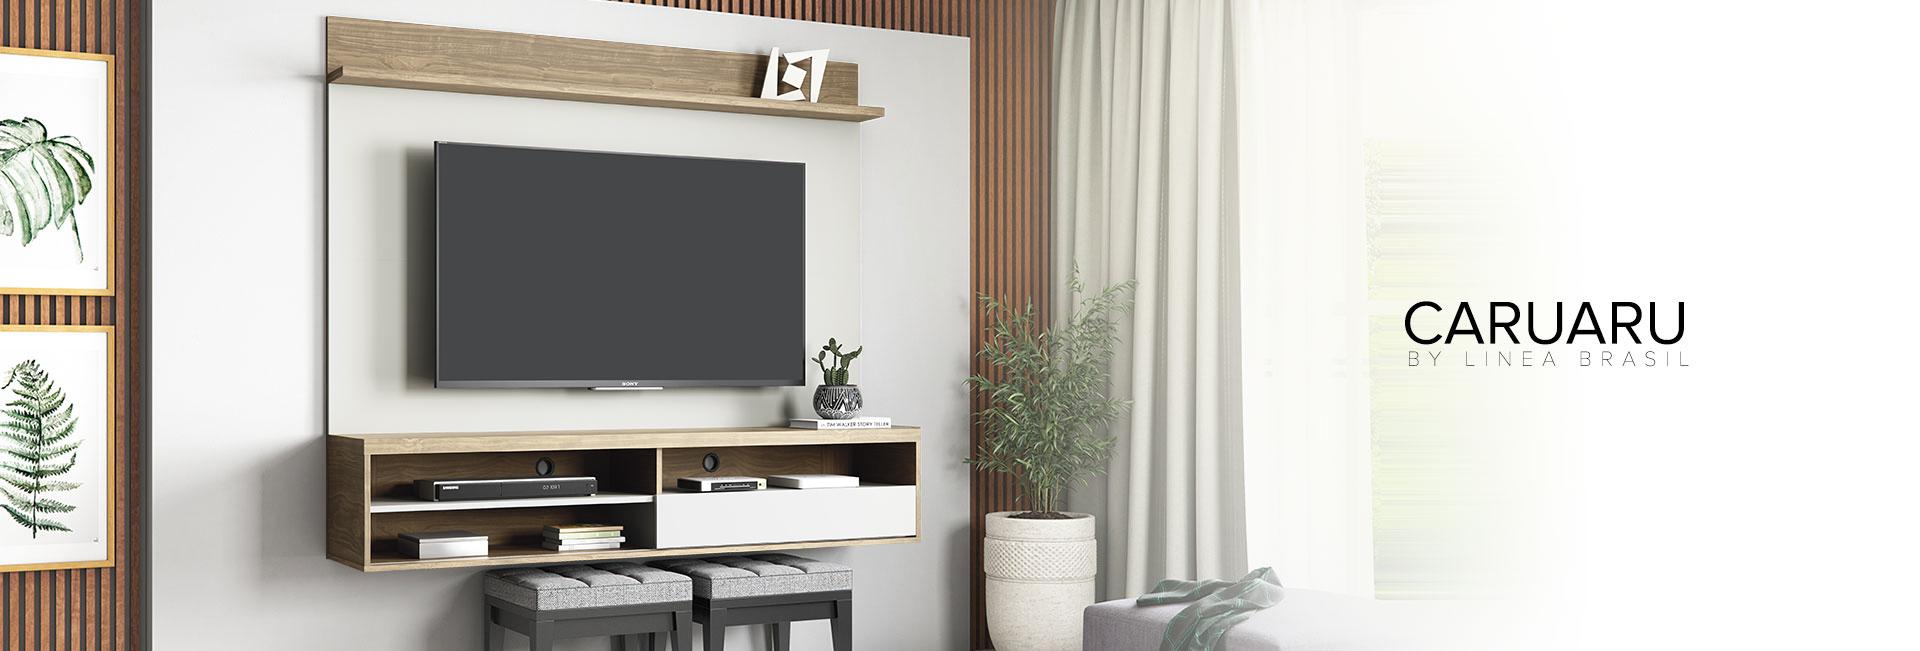 Painel para TV  Caruaru